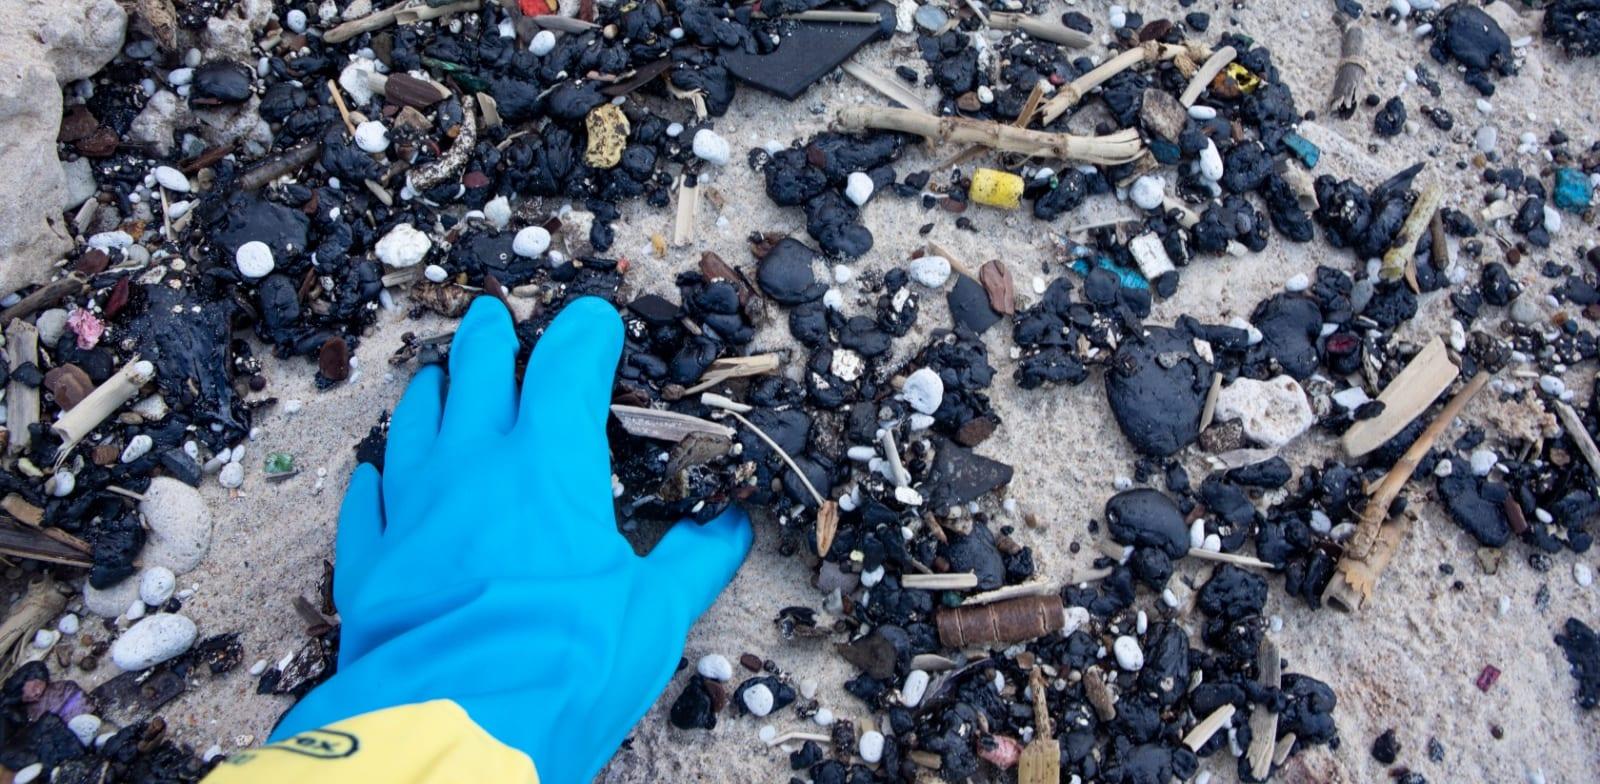 הזפת שנערמה באחד החופים / צילום: דפנה בן נון